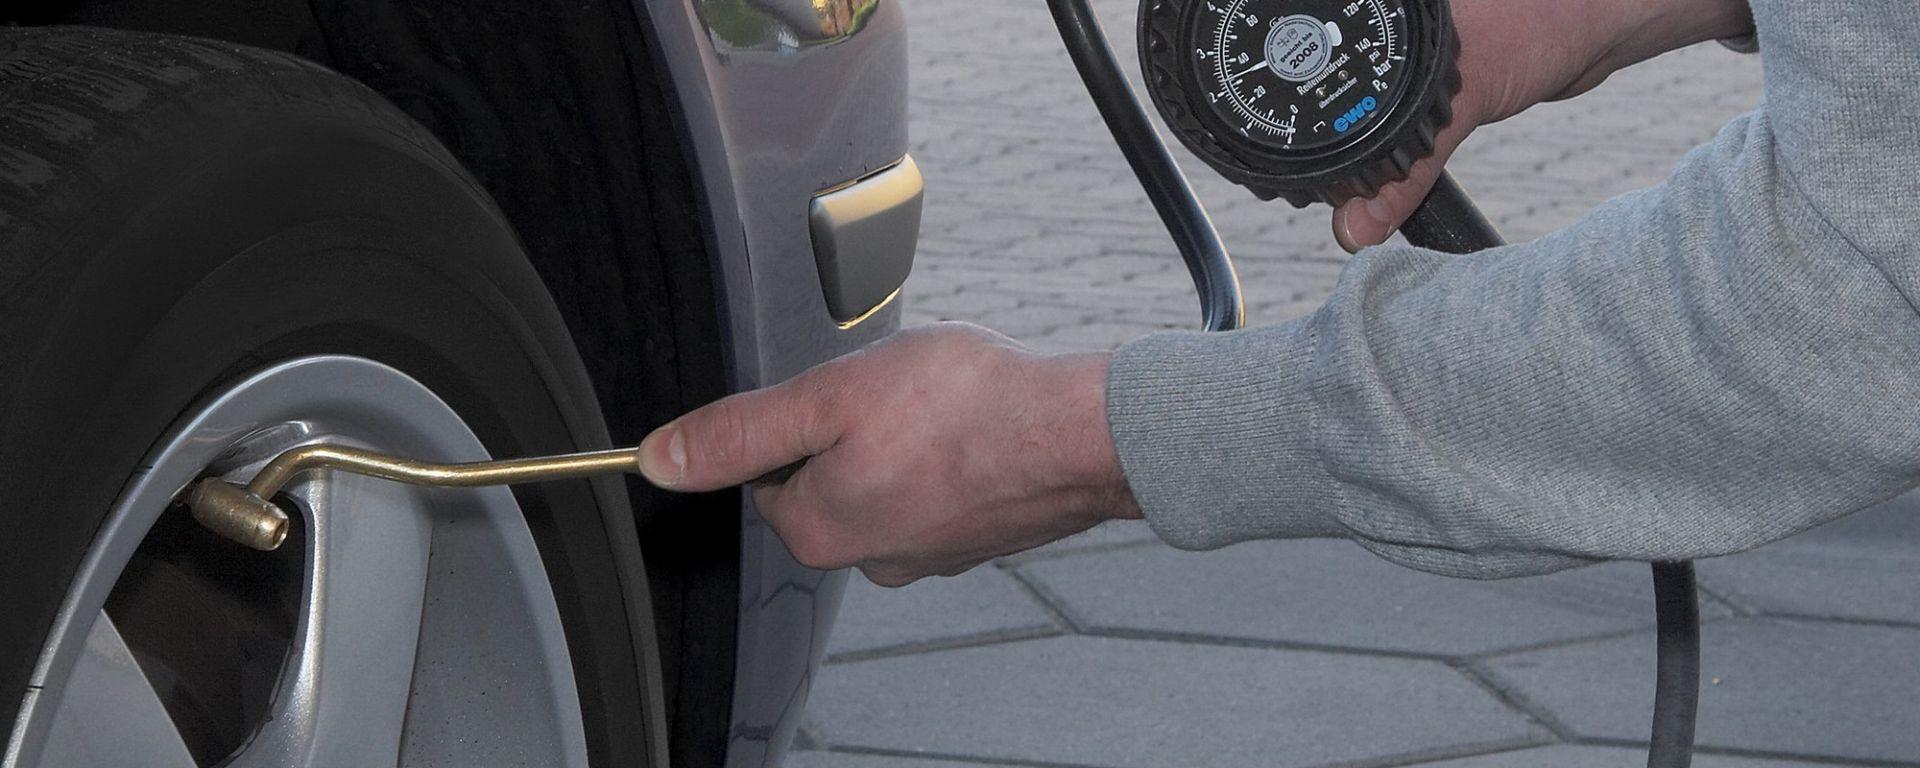 Pressione pneumatici auto, fattore di sicurezza e di risparmio carburante